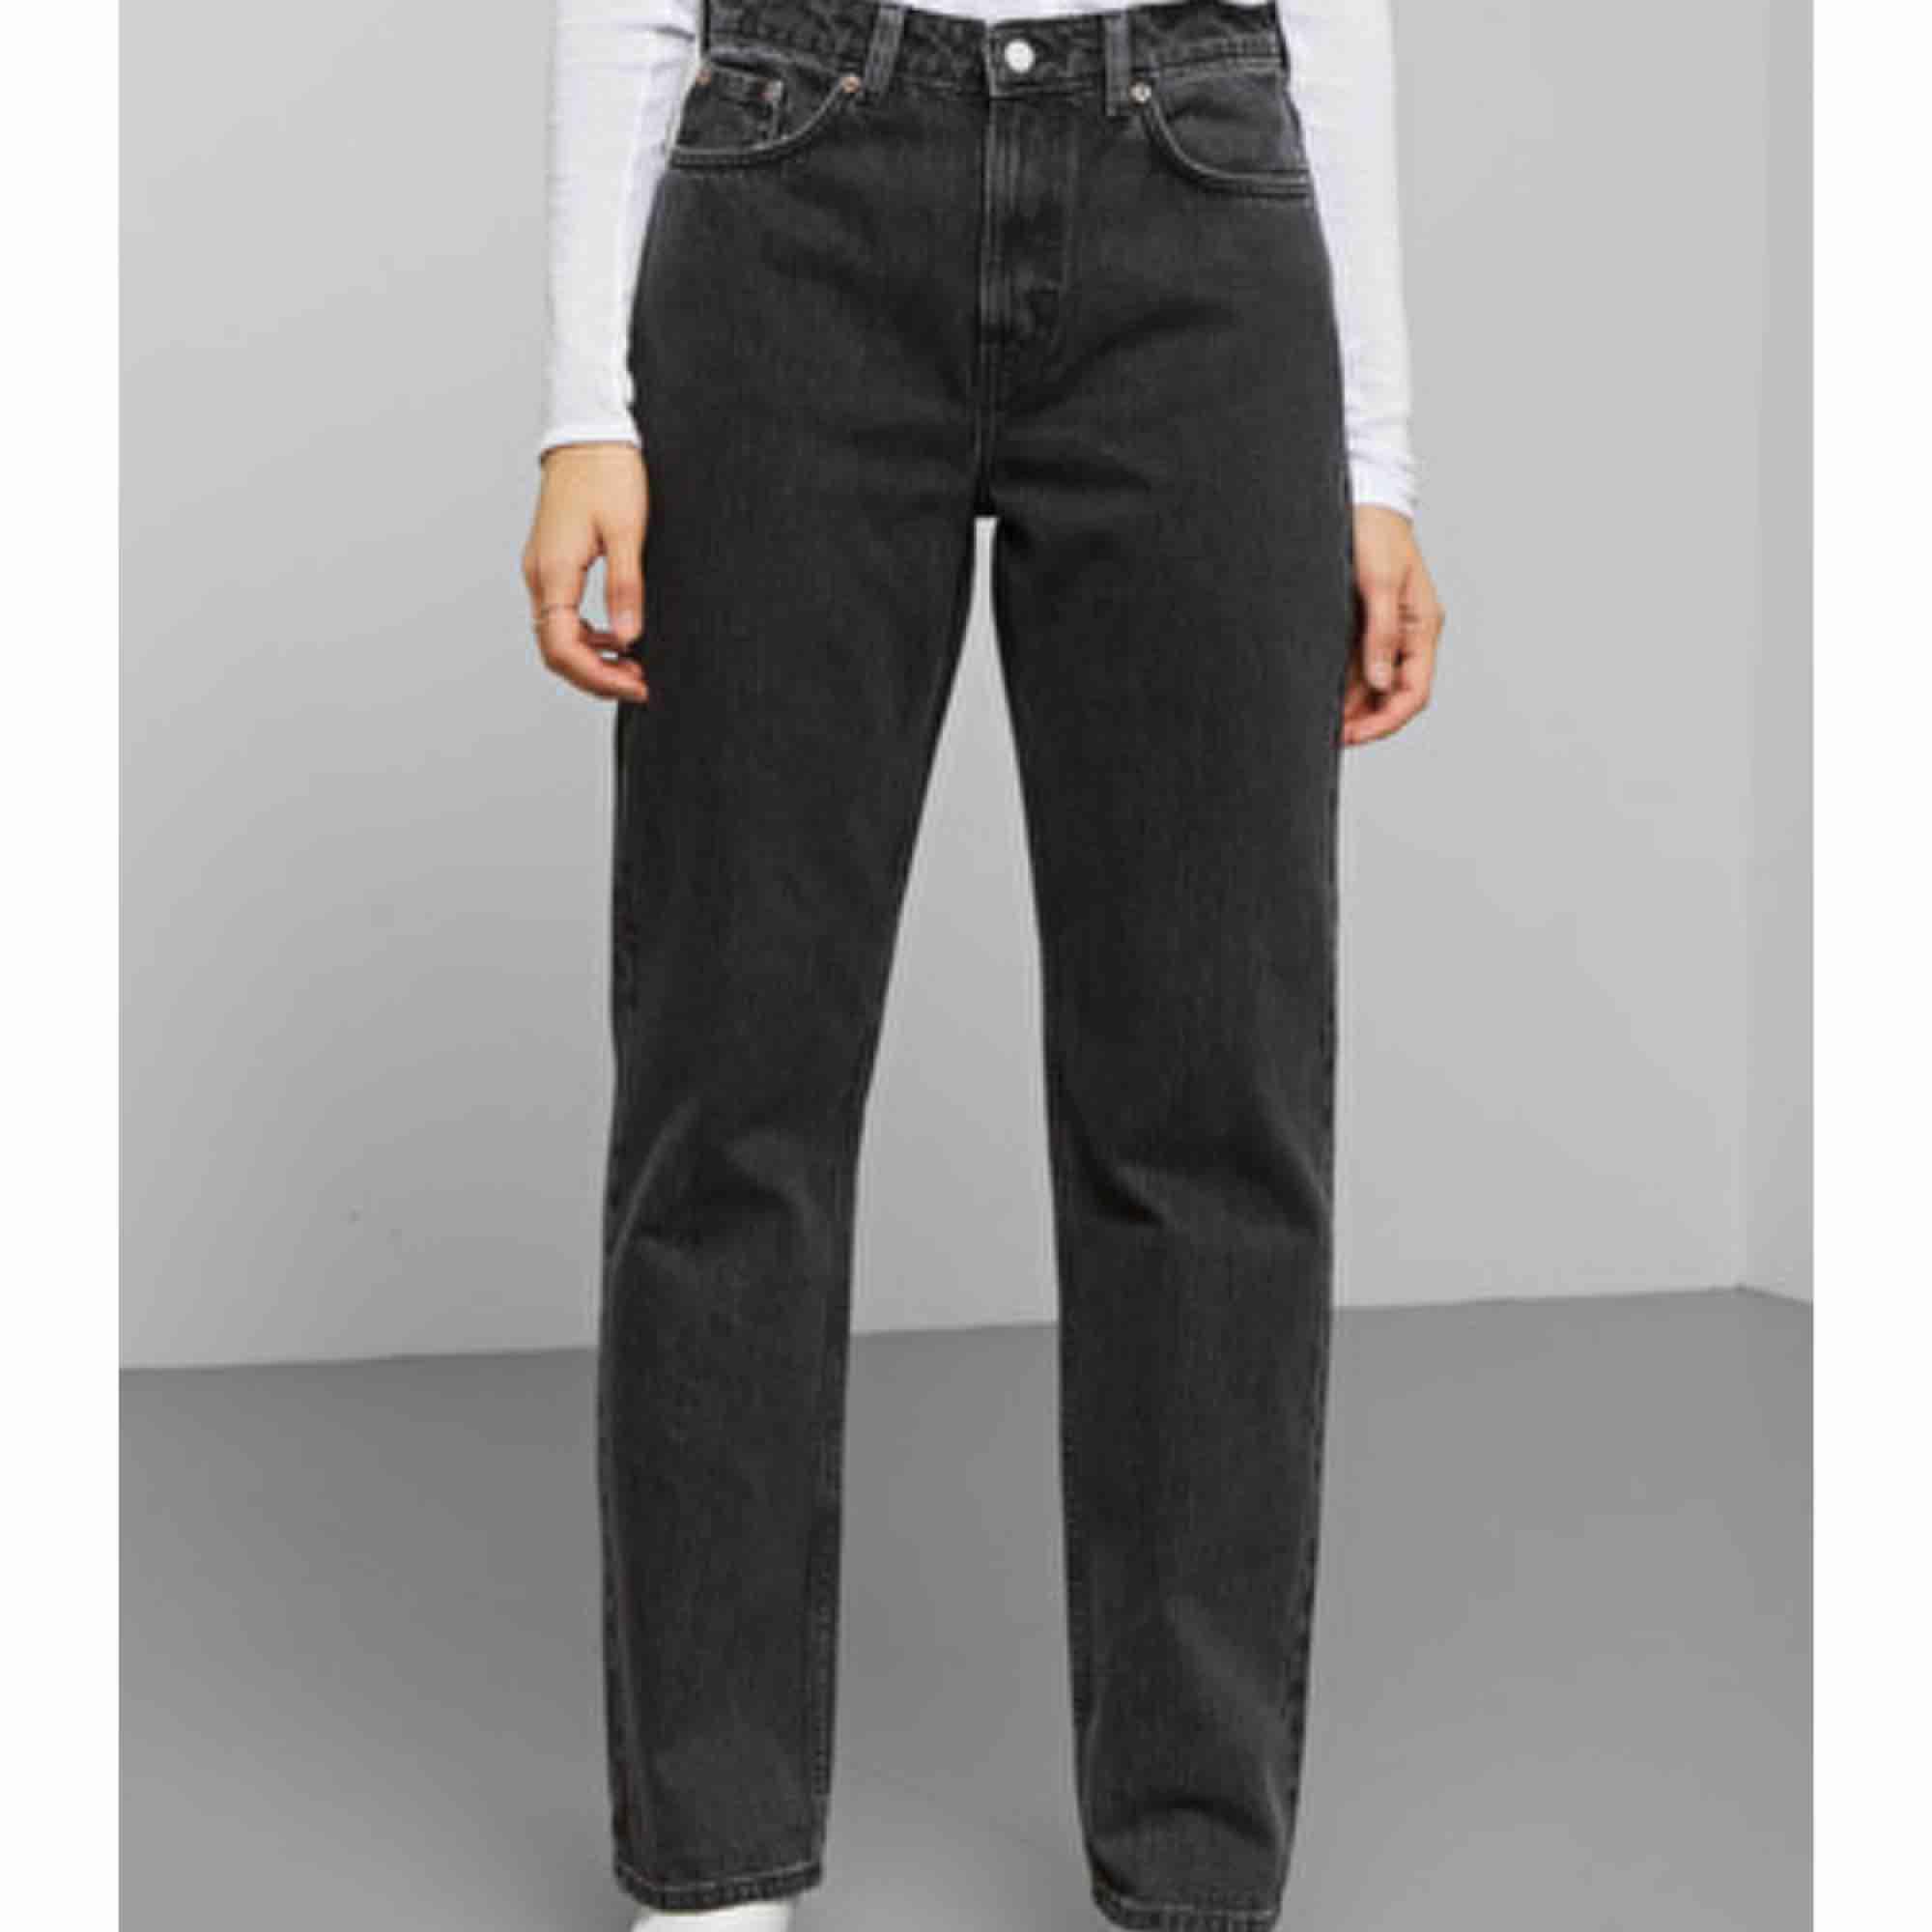 Byxor från Weekday i modellen Voyage. De har en grå stentvättad färg och är stuprörsmodell. Bra skick. Köparen står för frakt!✨. Jeans & Byxor.